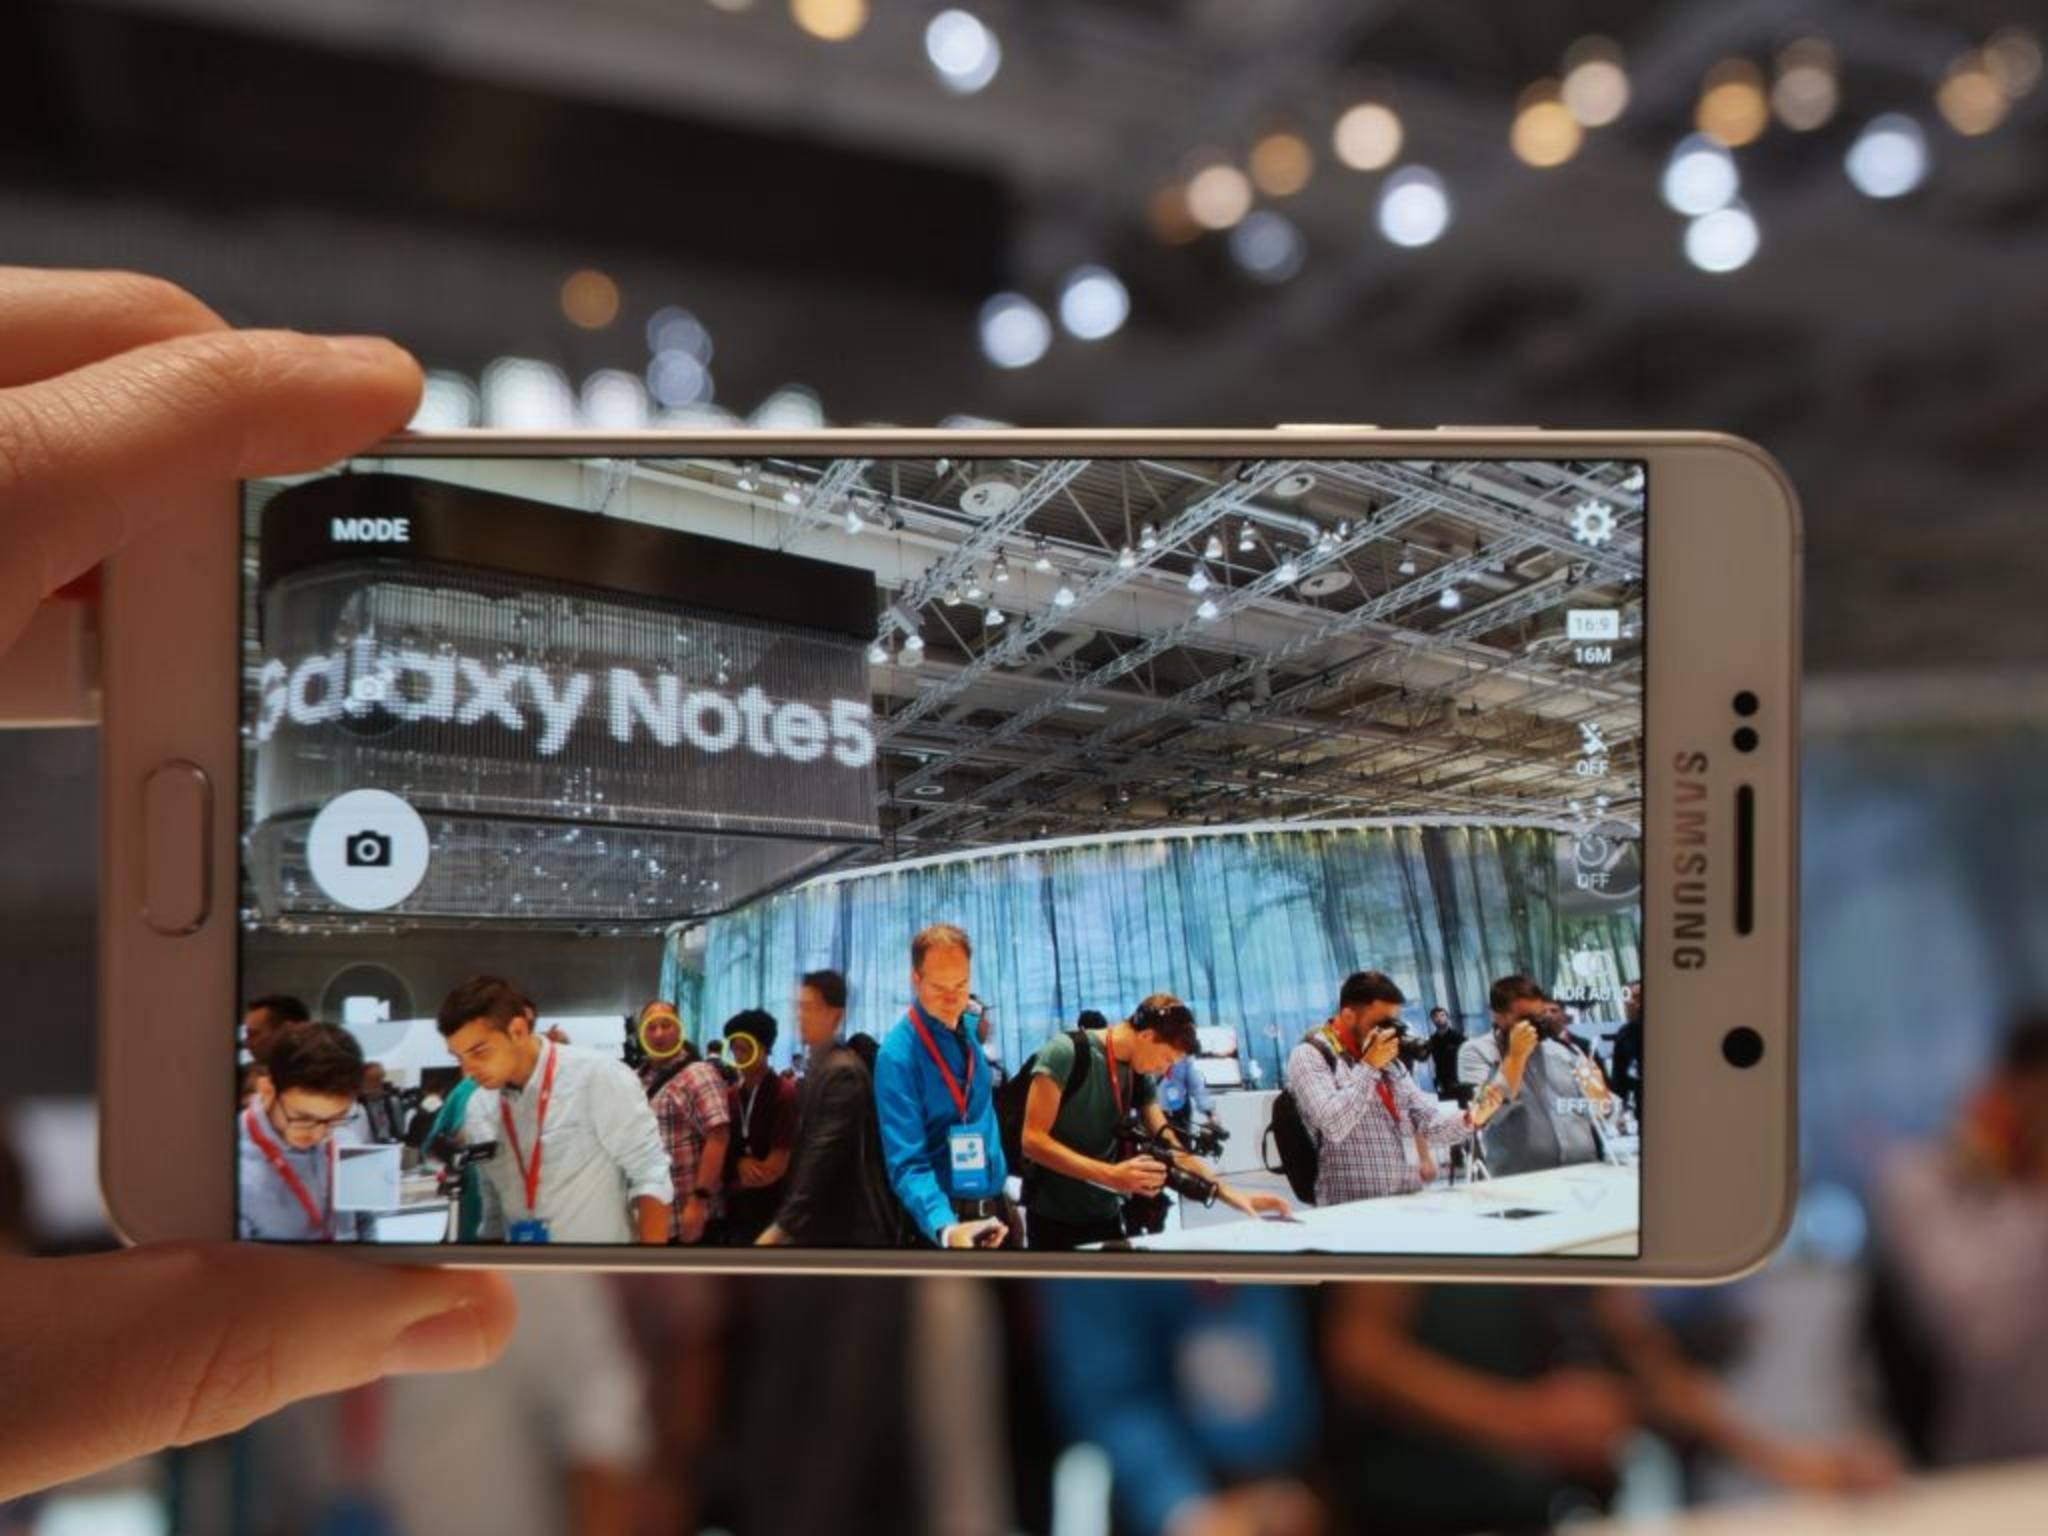 Das Galaxy Note 5 zählt zu den Stars der IFA – auch ohne Europa-Release.